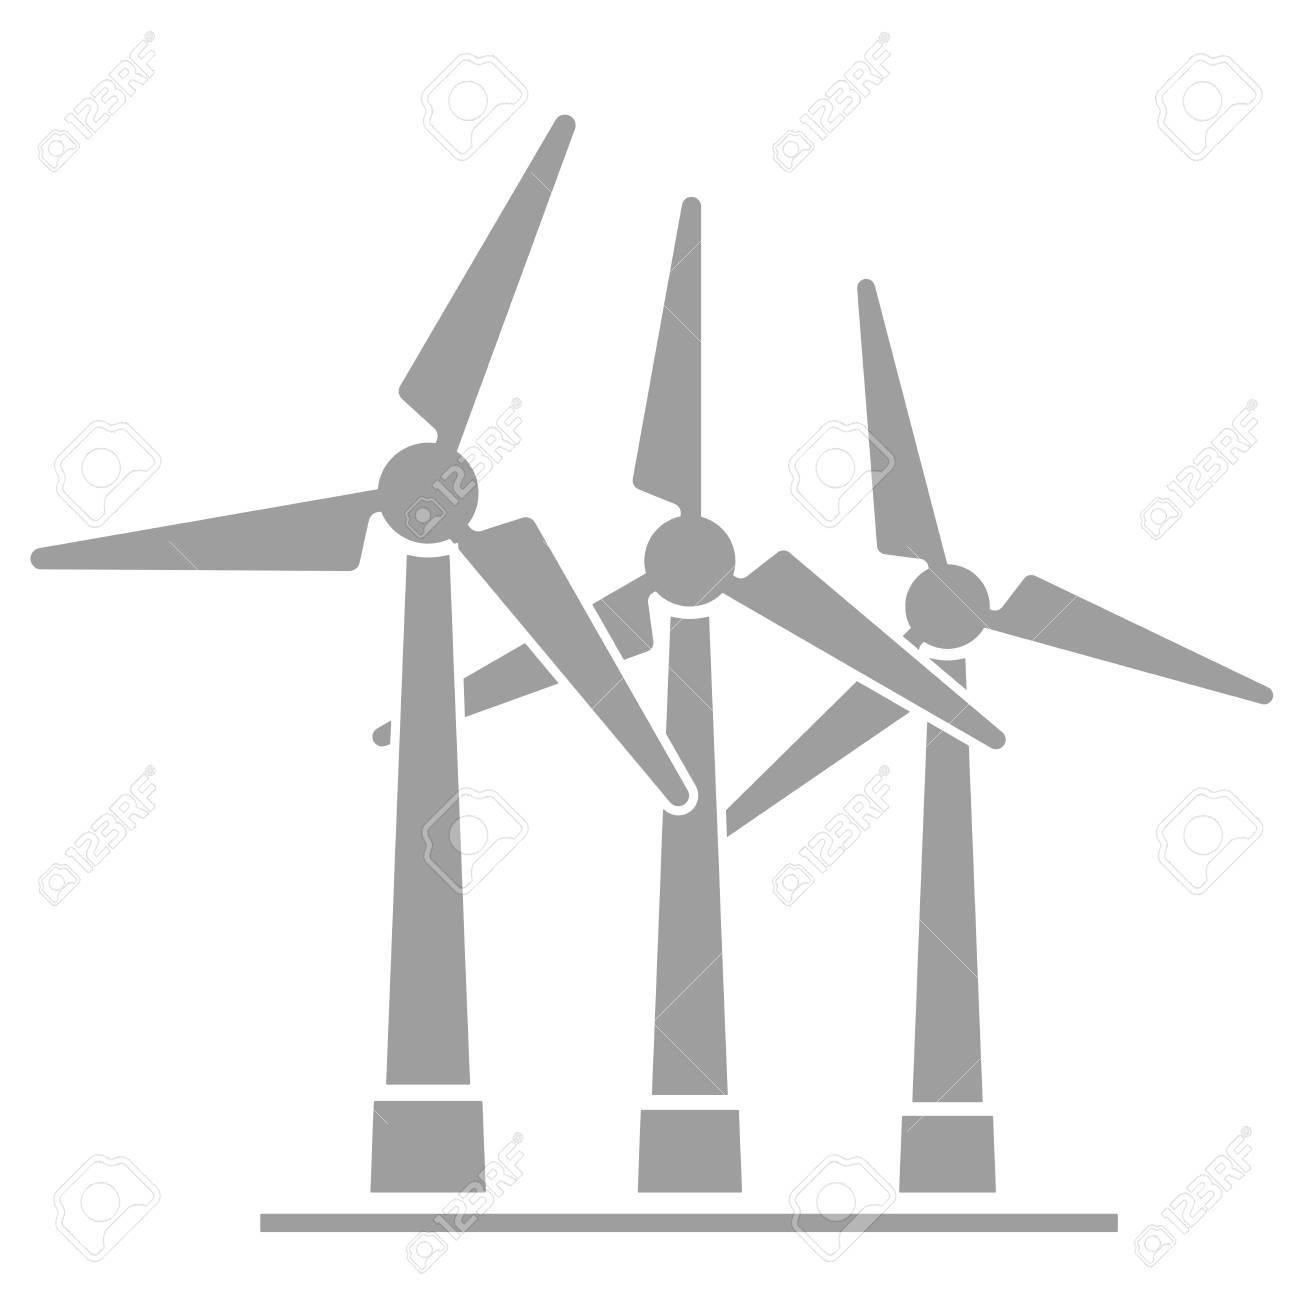 ミニマルなイラスト ベクトルの風力発電機のイラスト素材ベクタ